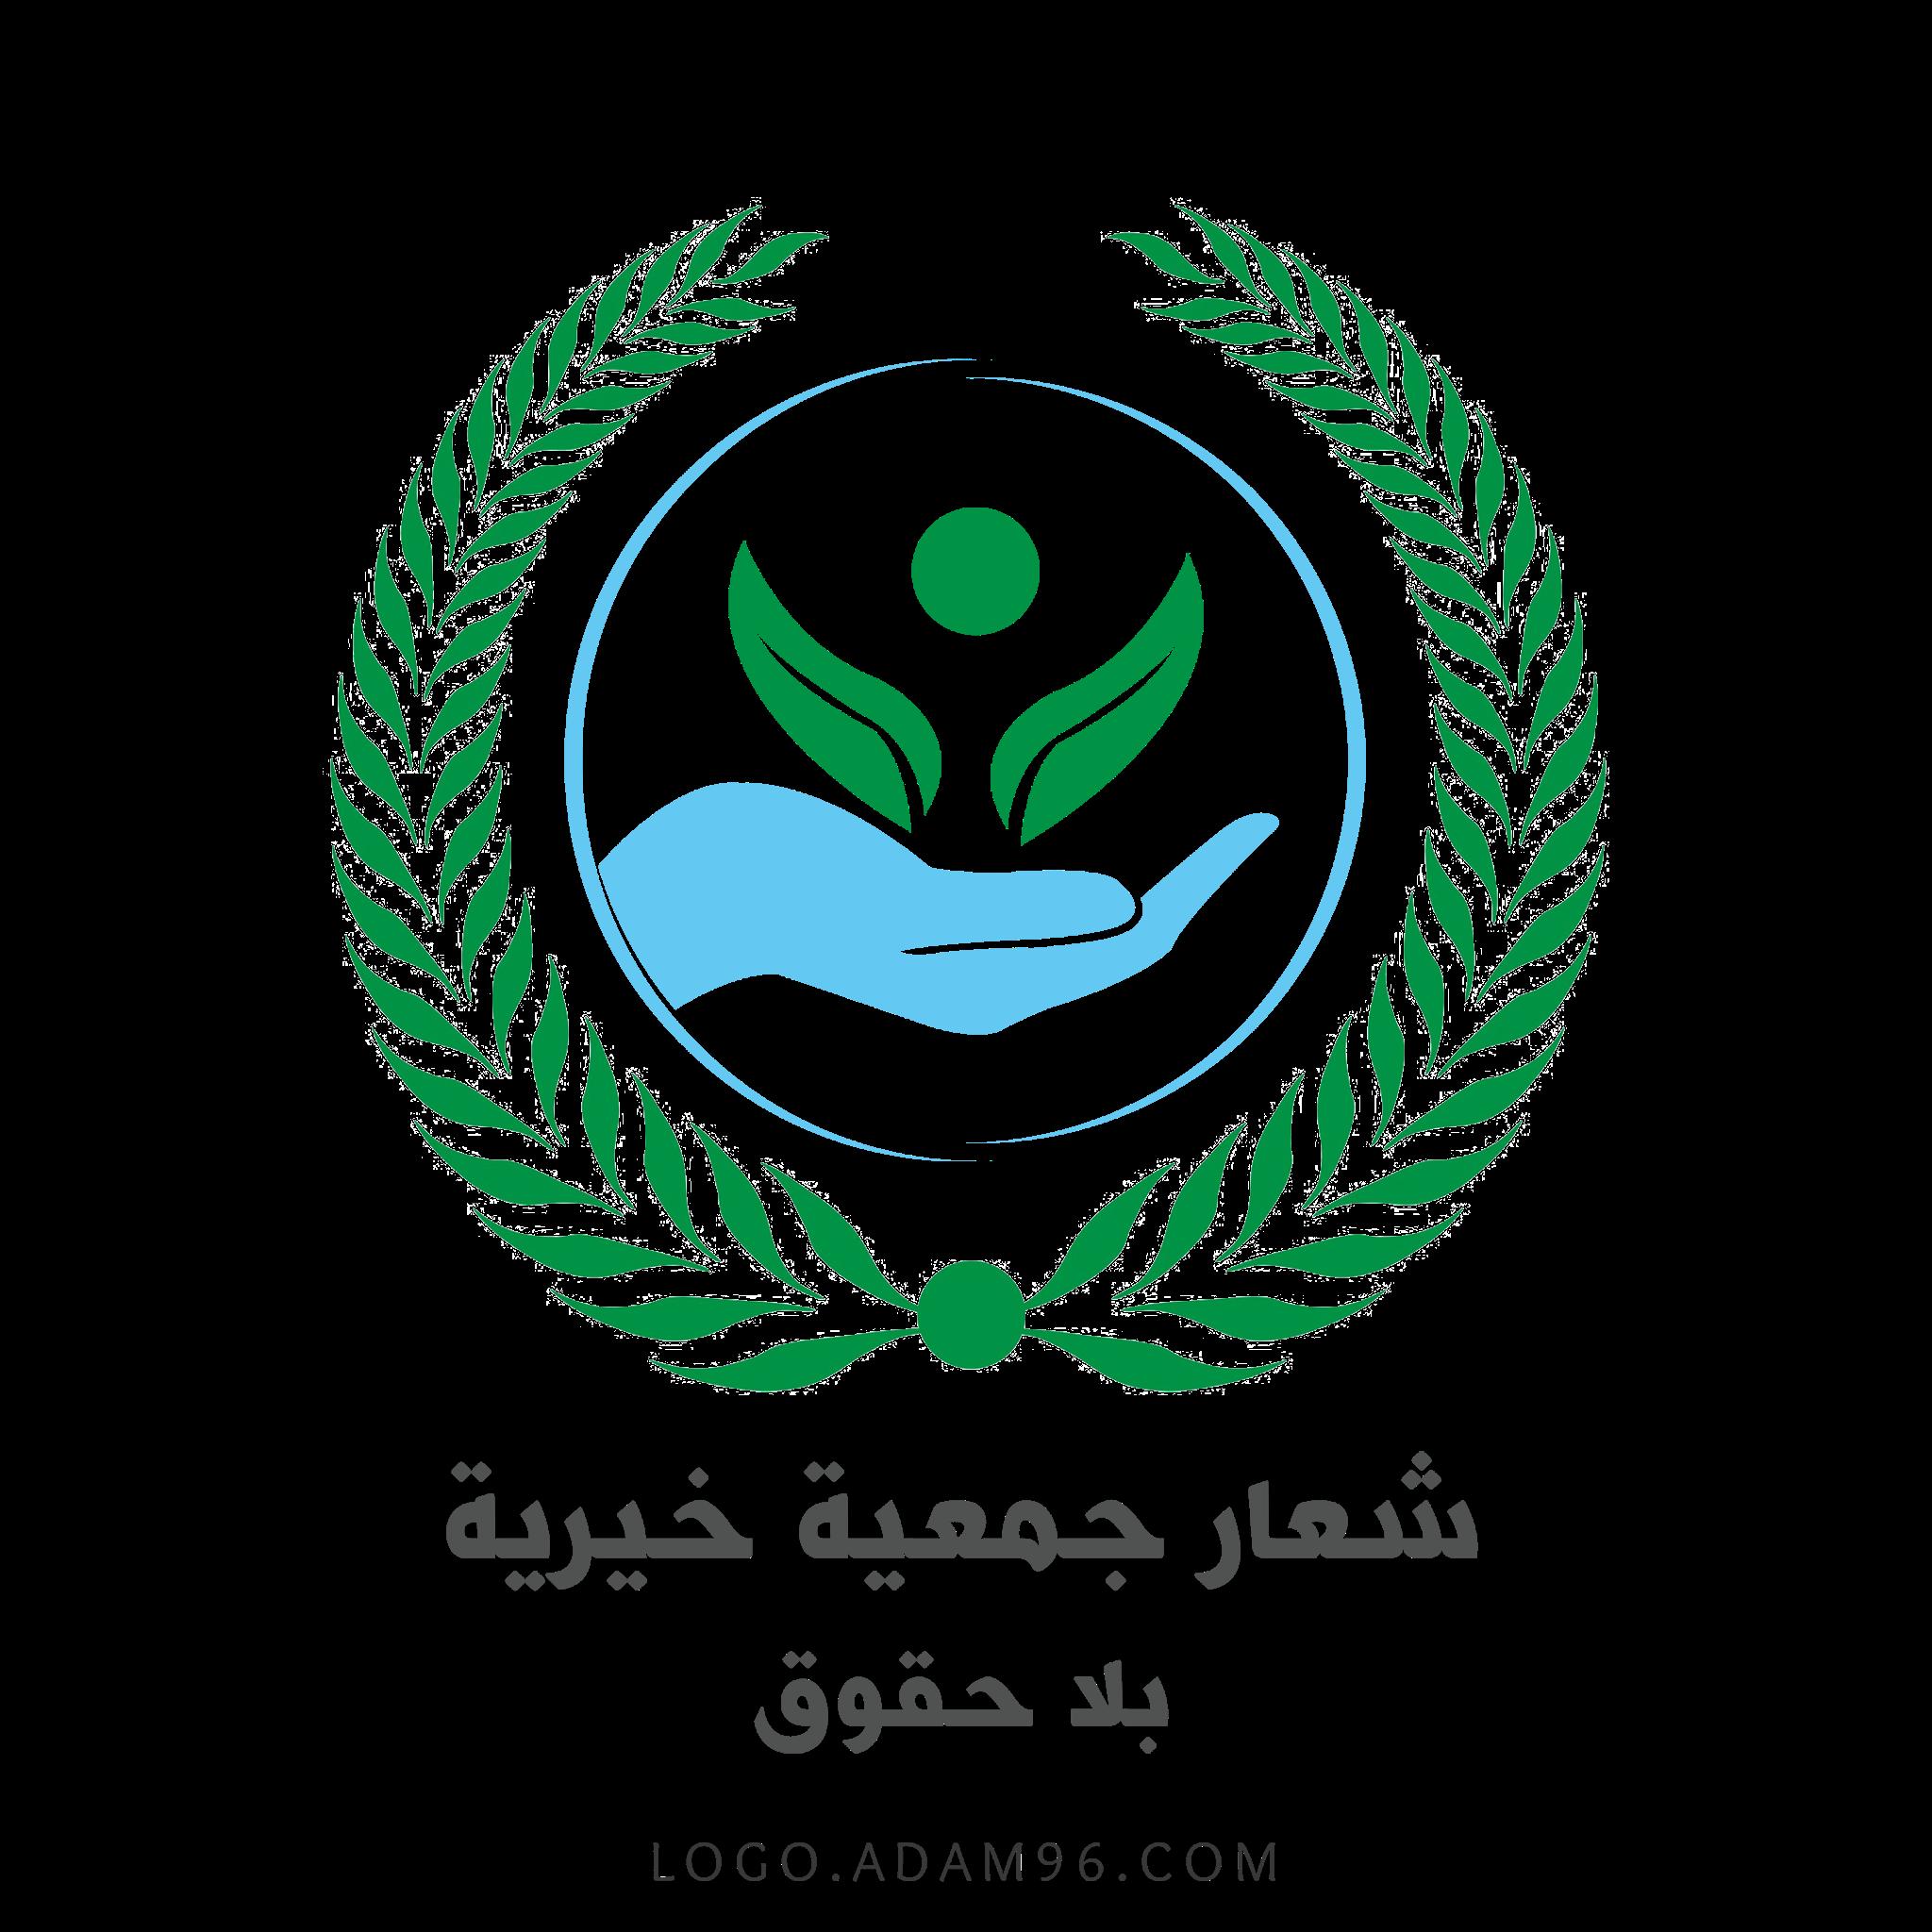 تحميل شعار جمعية خيرية بلا حقوق لوجو عالي الدقة مجاناً بصيغة PSD